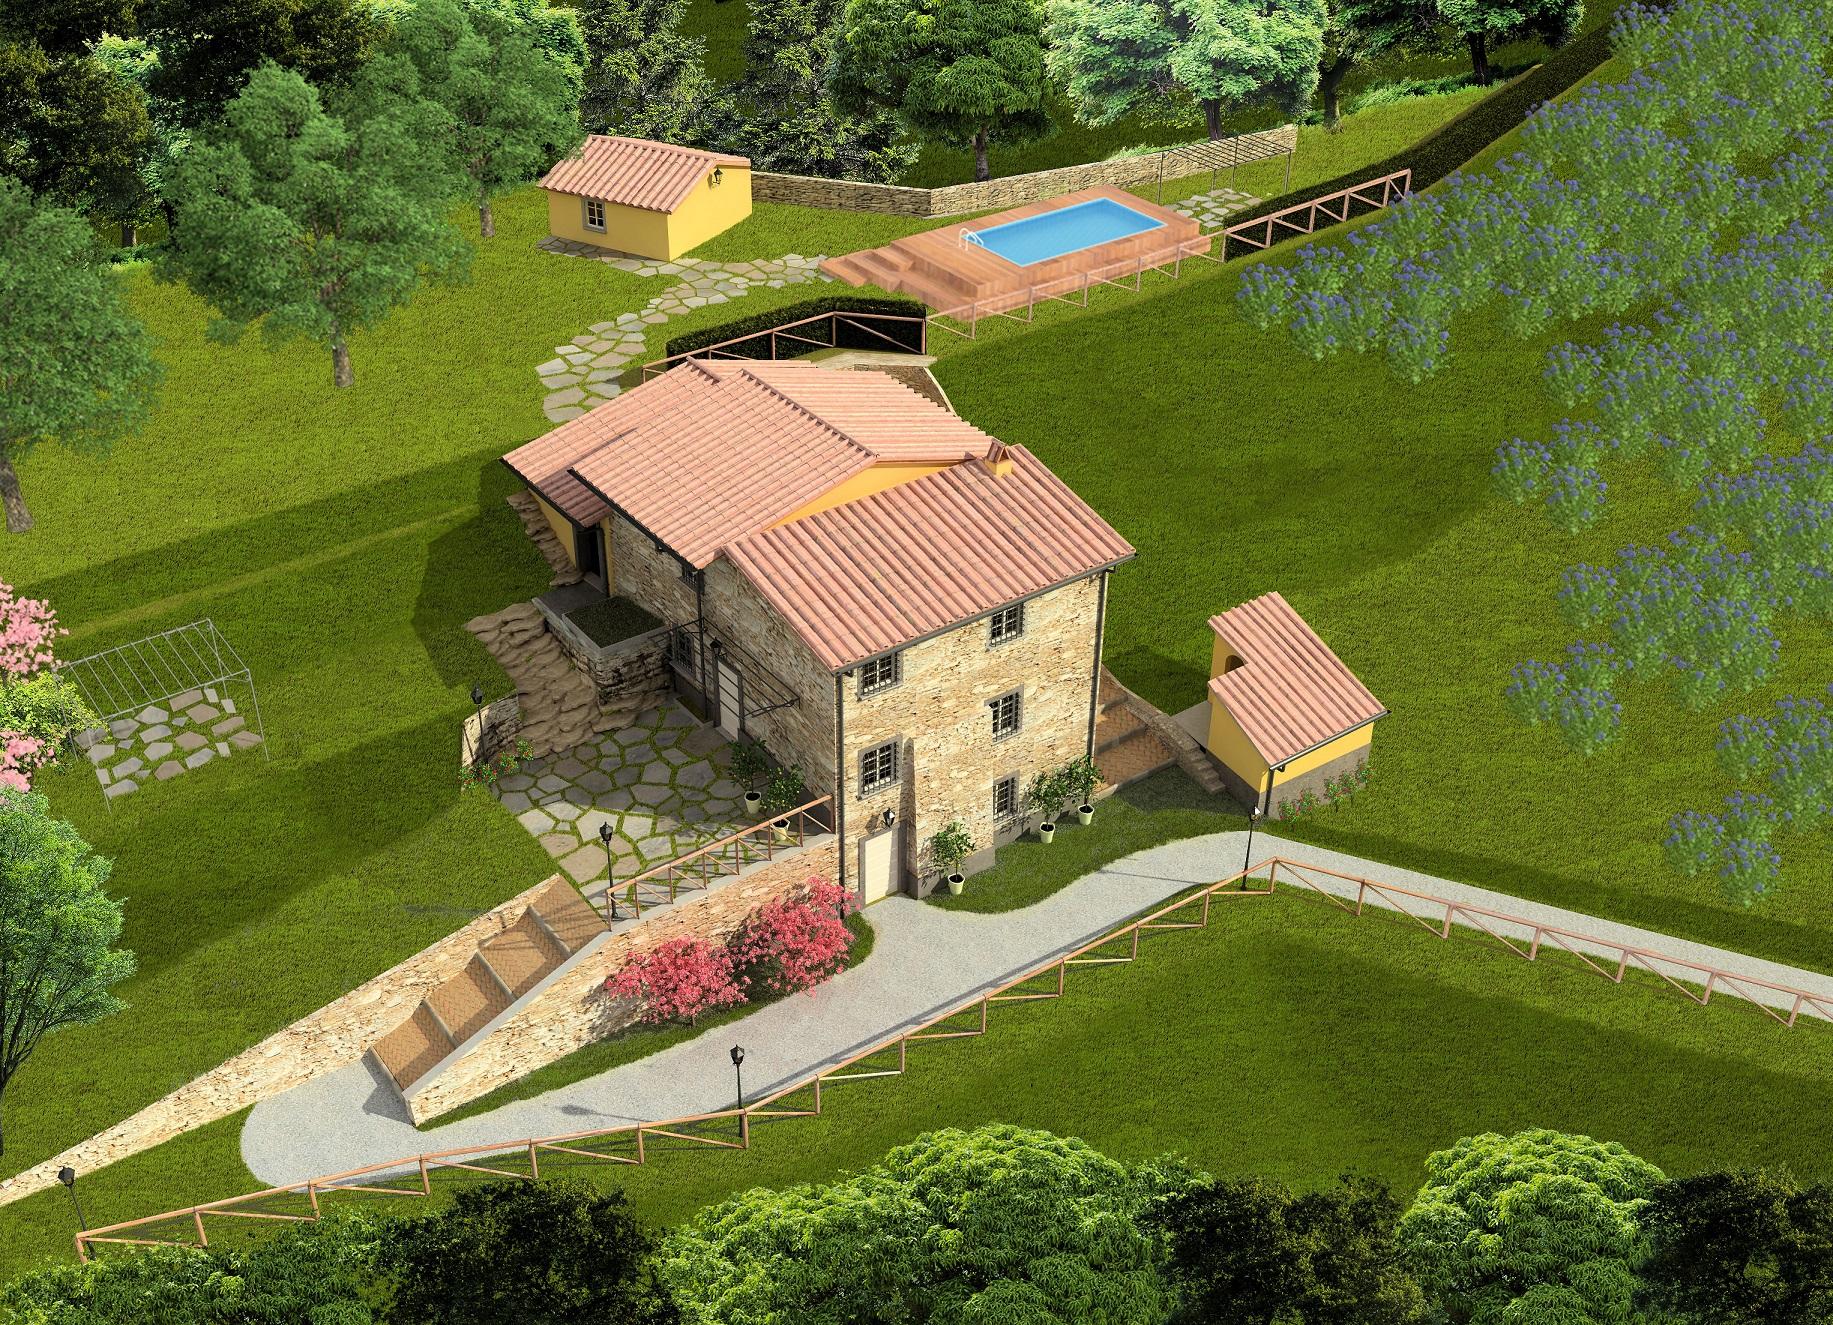 Rustico / Casale in vendita a Lucca, 9 locali, zona Zona: Pozzuolo, prezzo € 649.000 | Cambio Casa.it